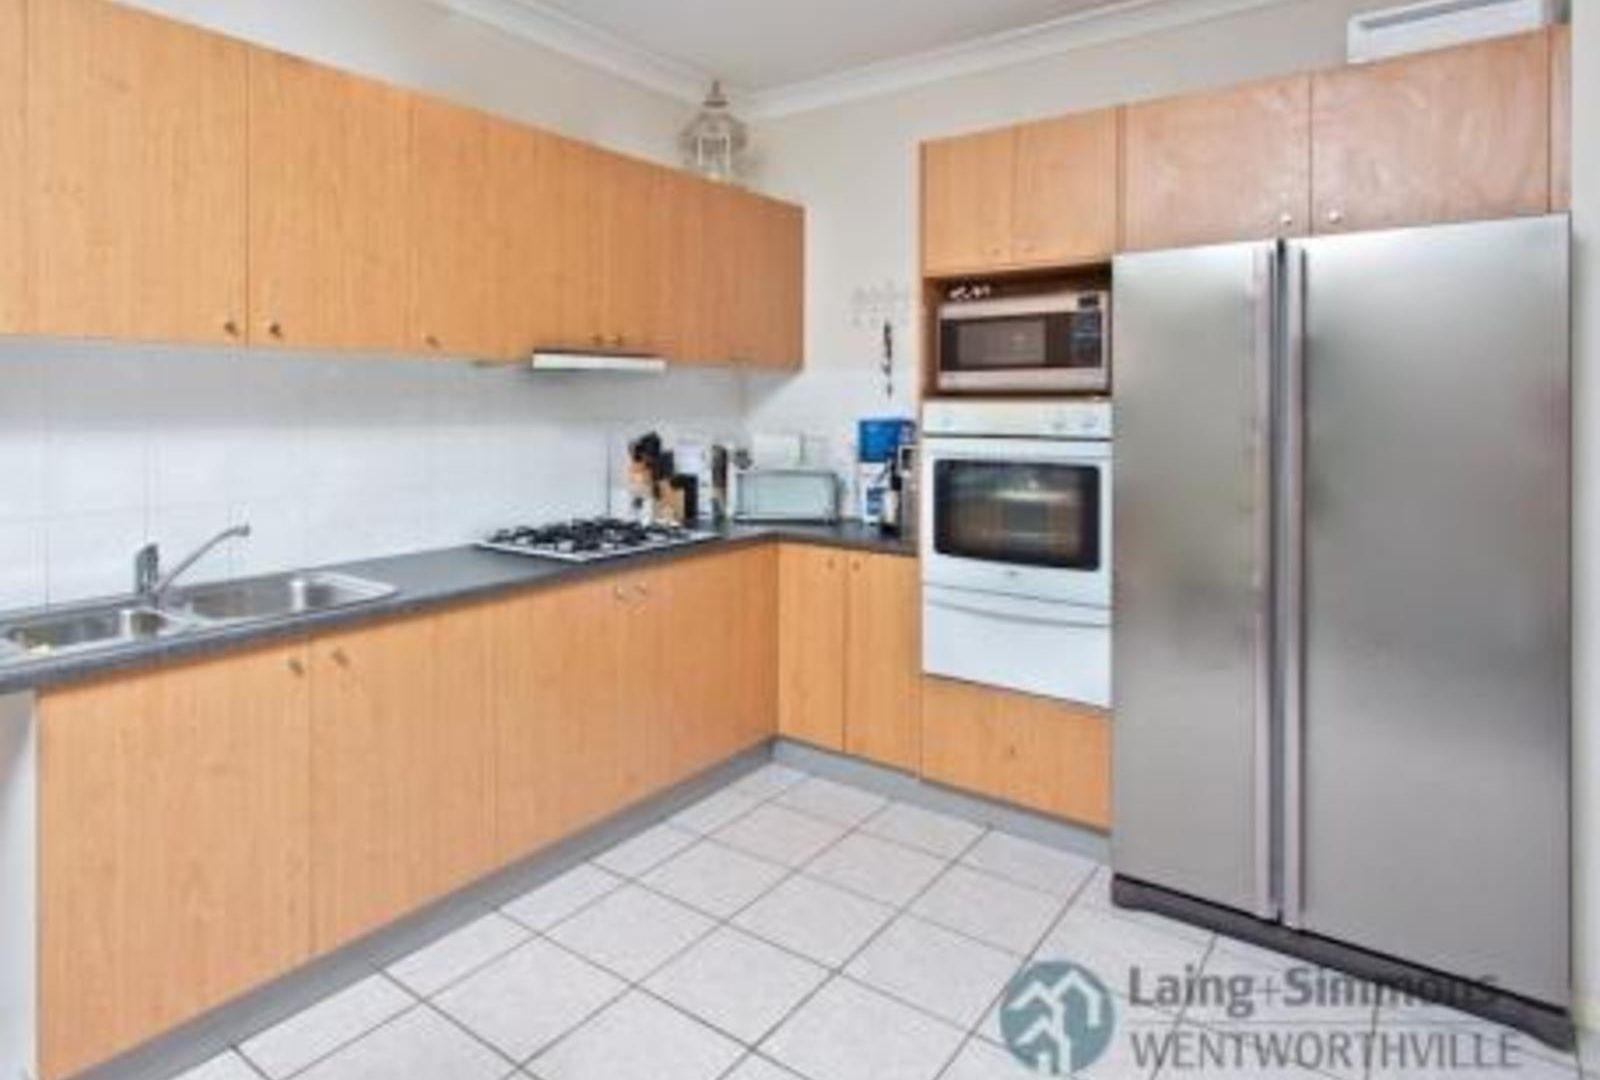 22A Oatlands Street, Wentworthville NSW 2145, Image 2